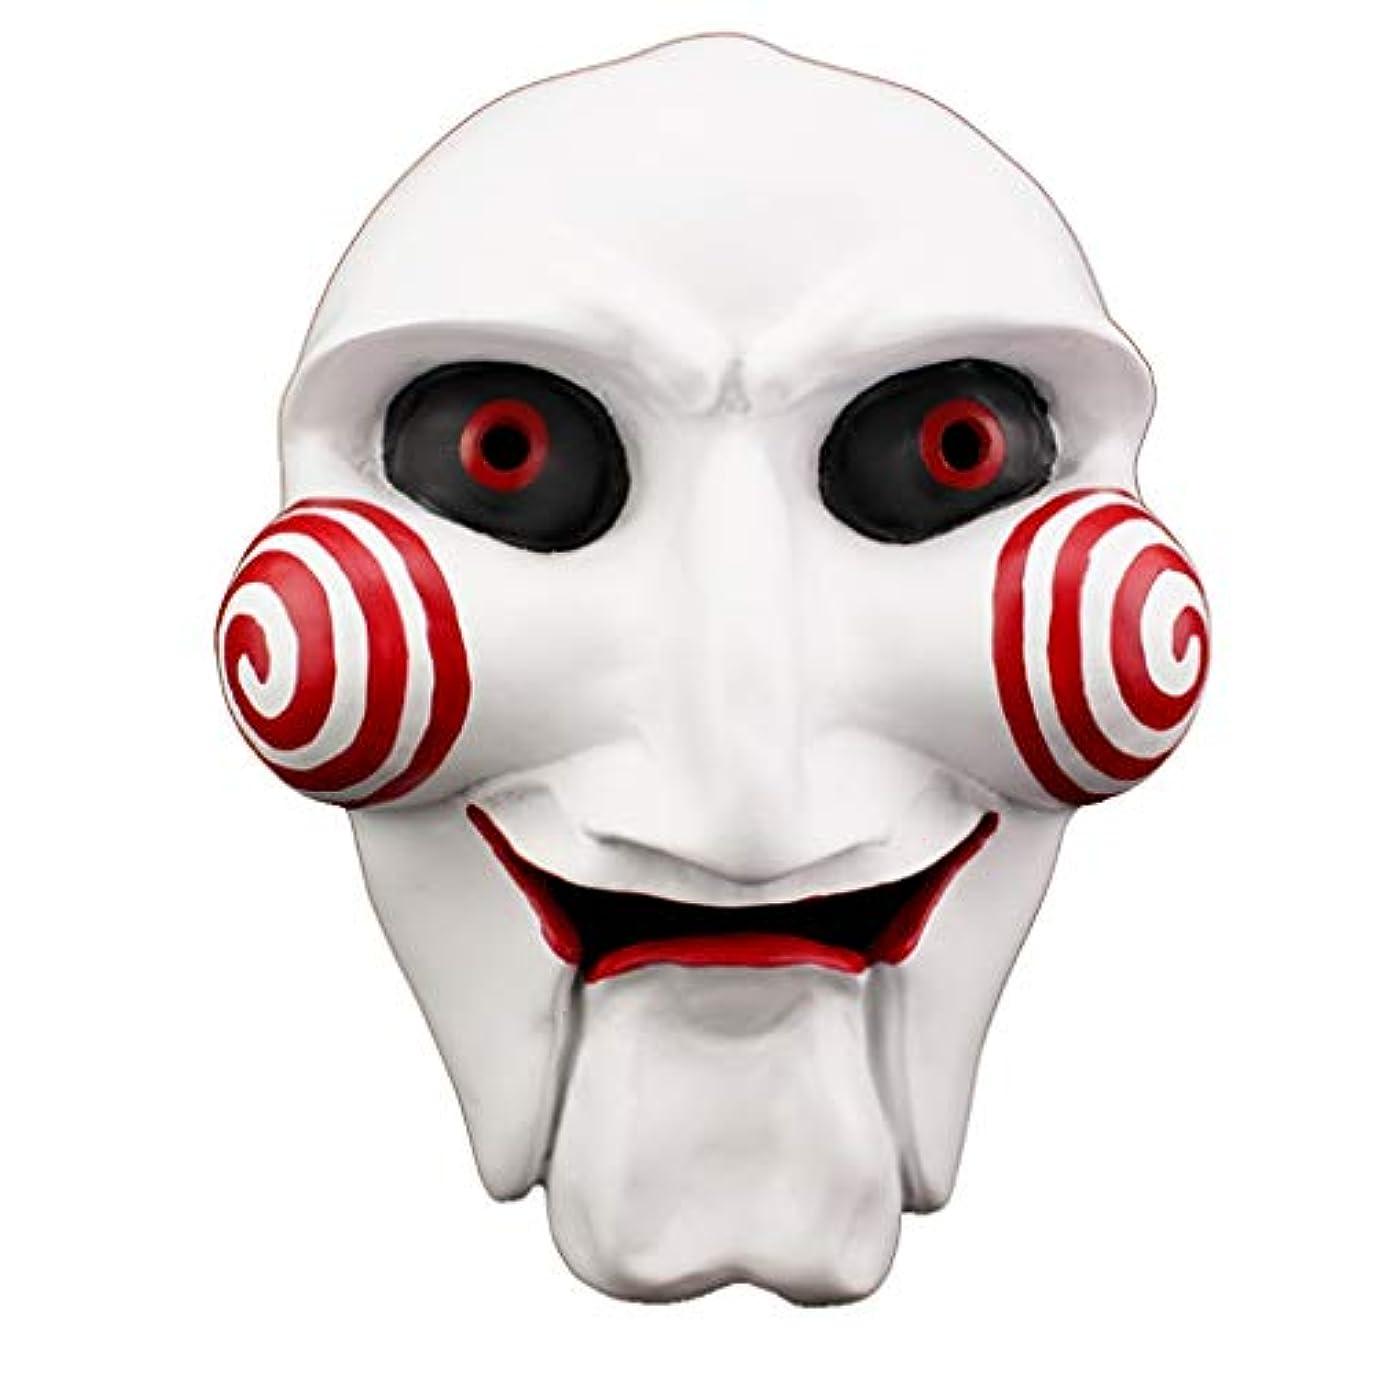 座る荒廃するランプハロウィンホラーマスクダンスパーティーメンズキラーデビルメイク樹脂マスク